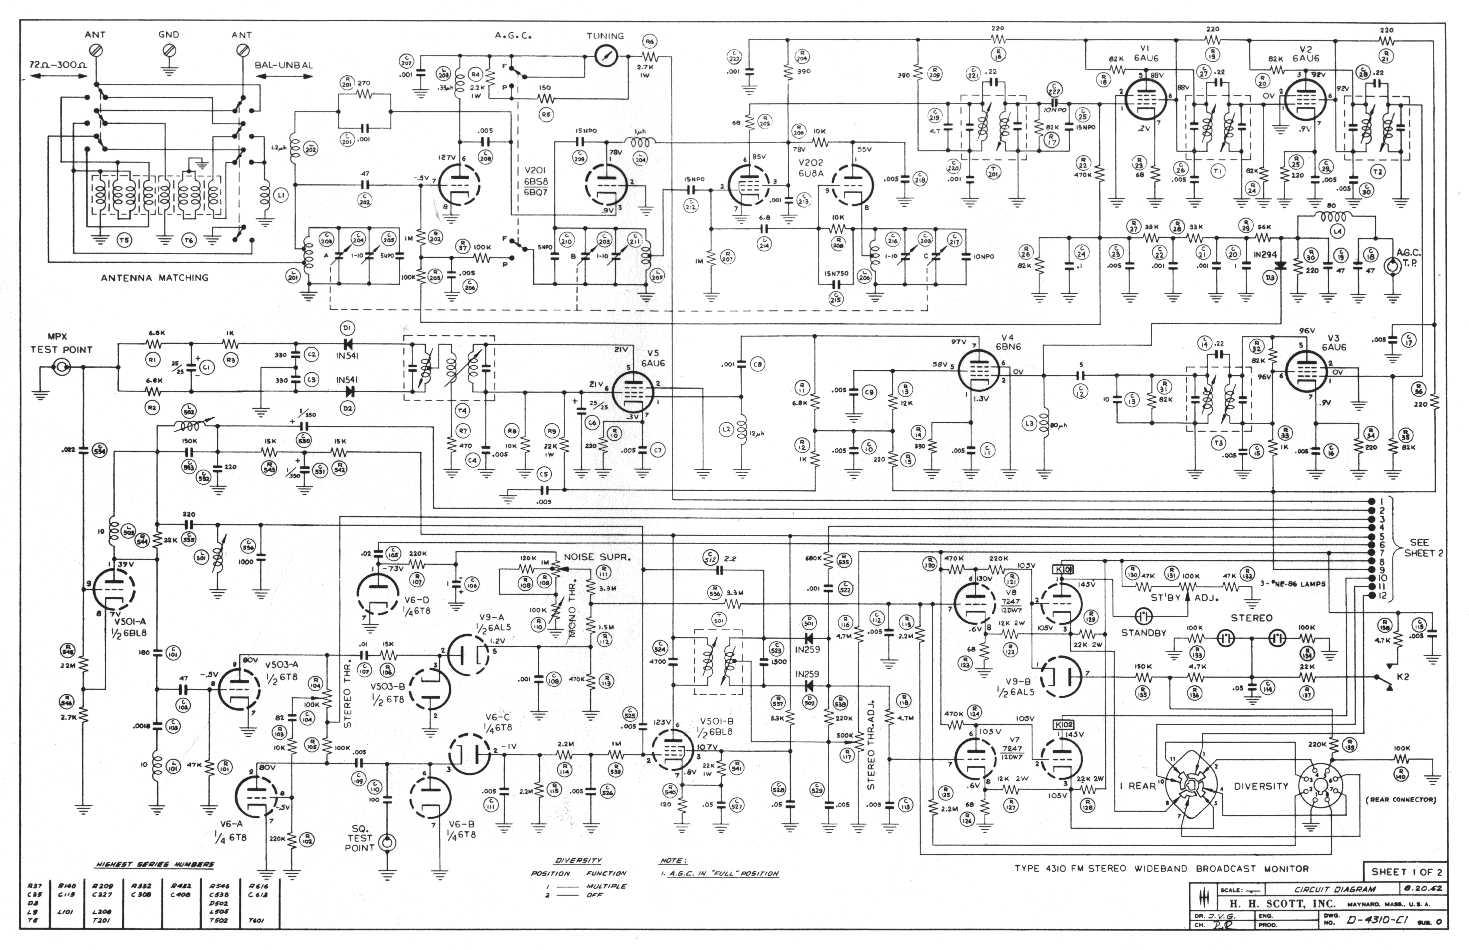 Schem on Schematics For A 350